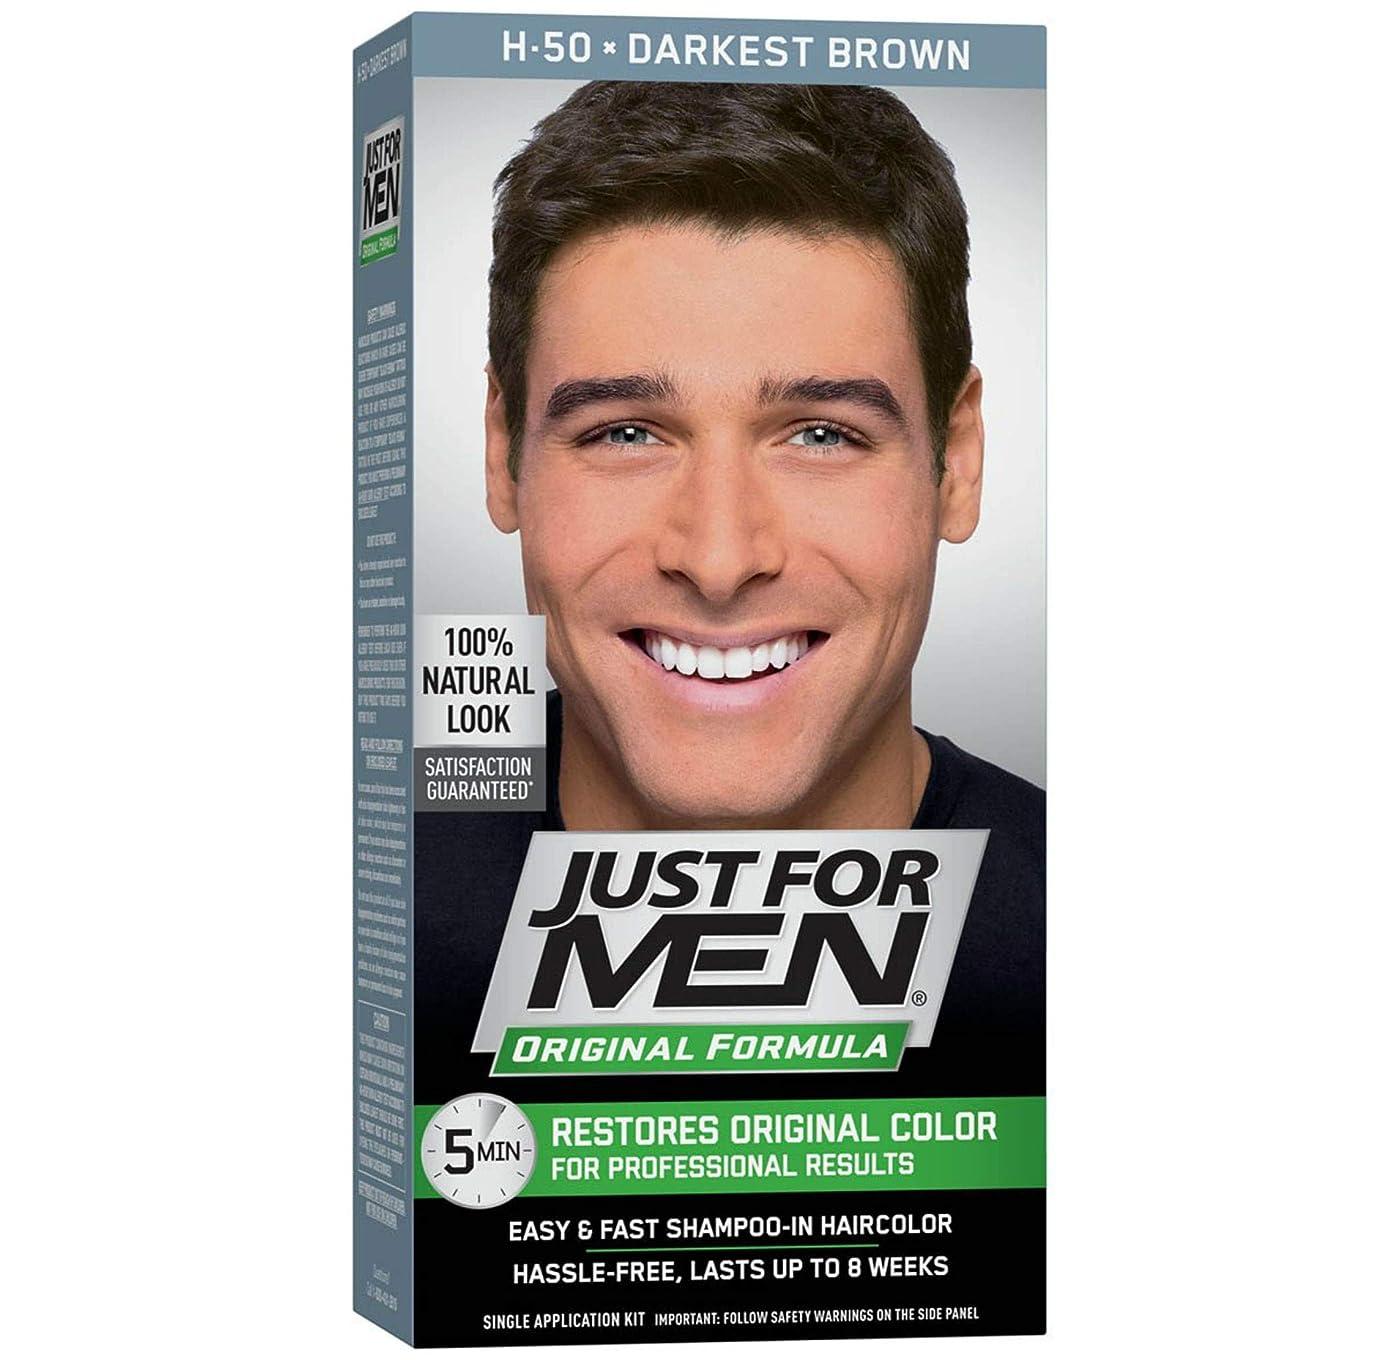 極めて重要な取り囲むに関してJust for Men Shampoo-In Hair Color Darkest Brown 50 (並行輸入品)